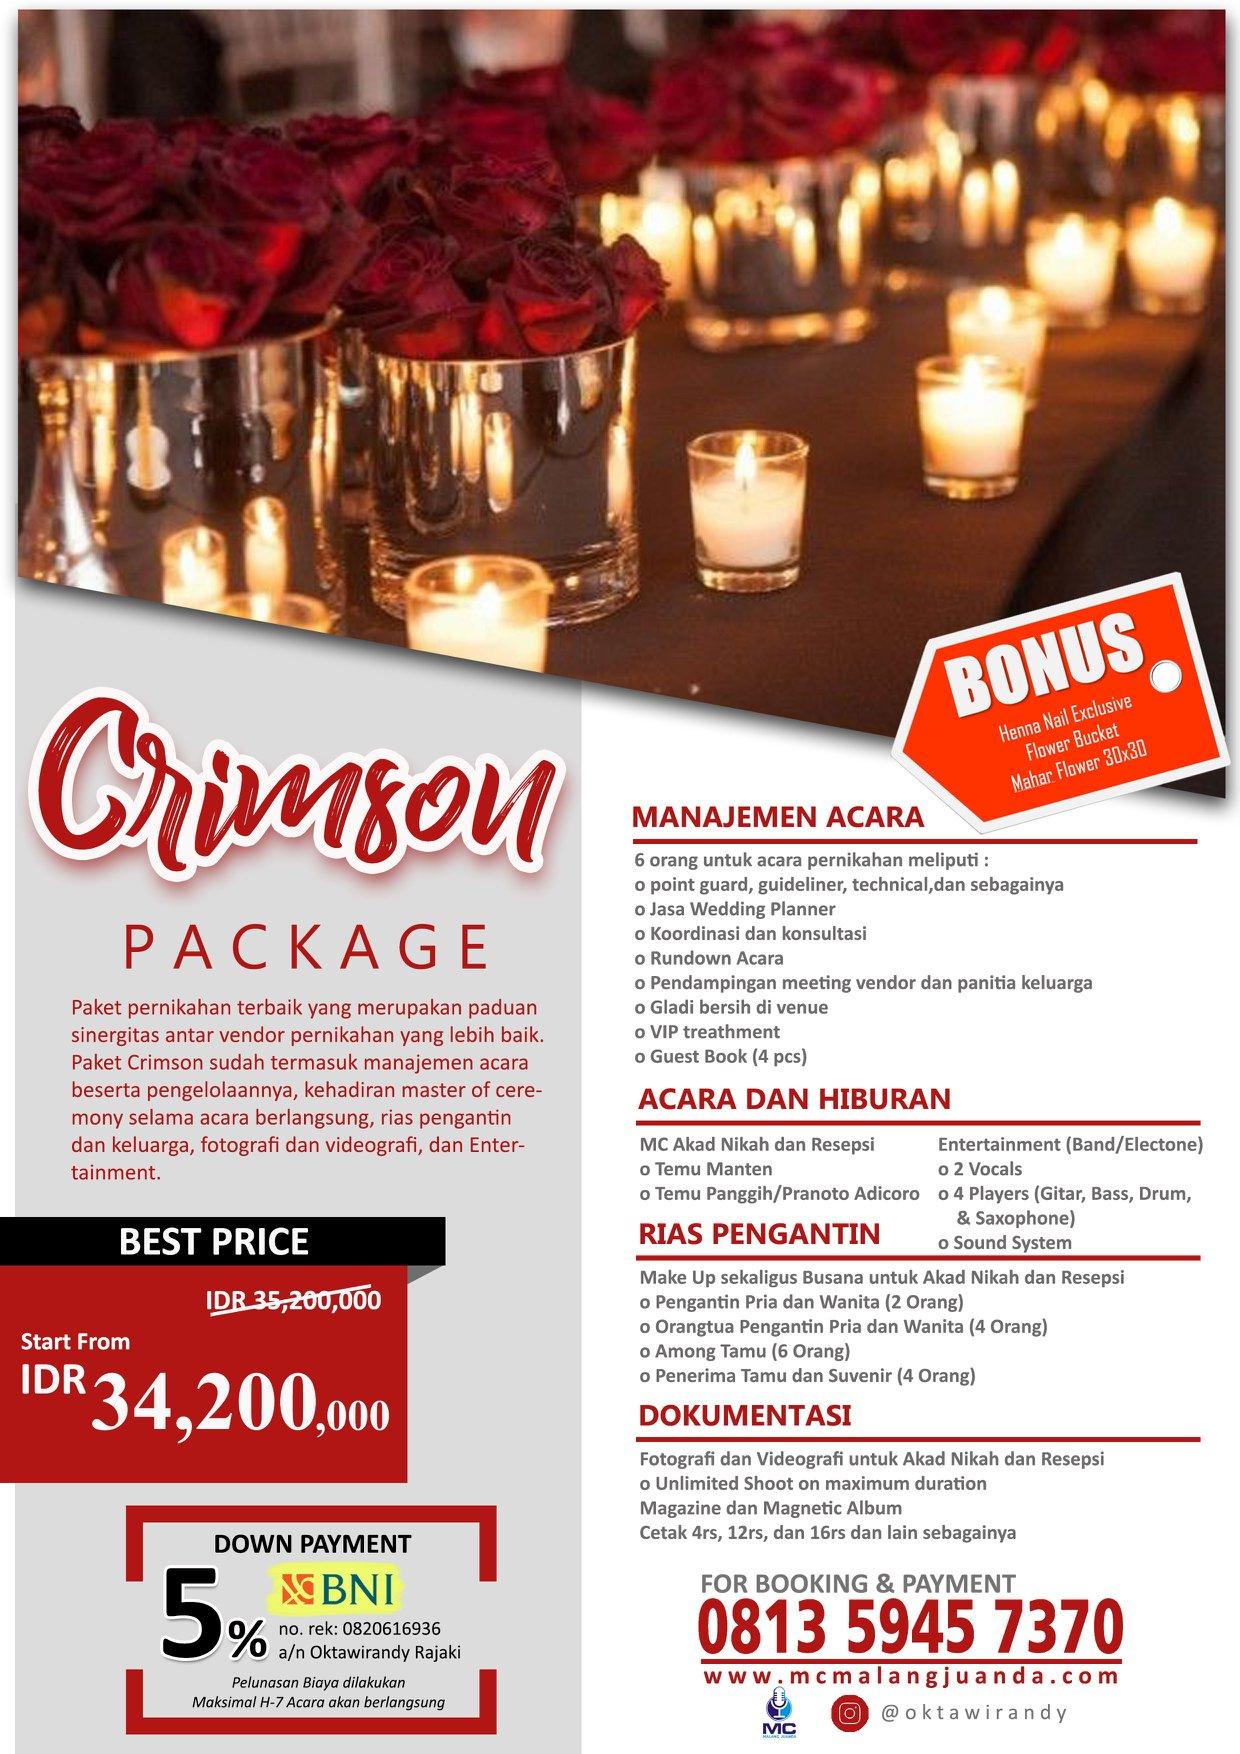 Wedding Organizer Surabaya Harga